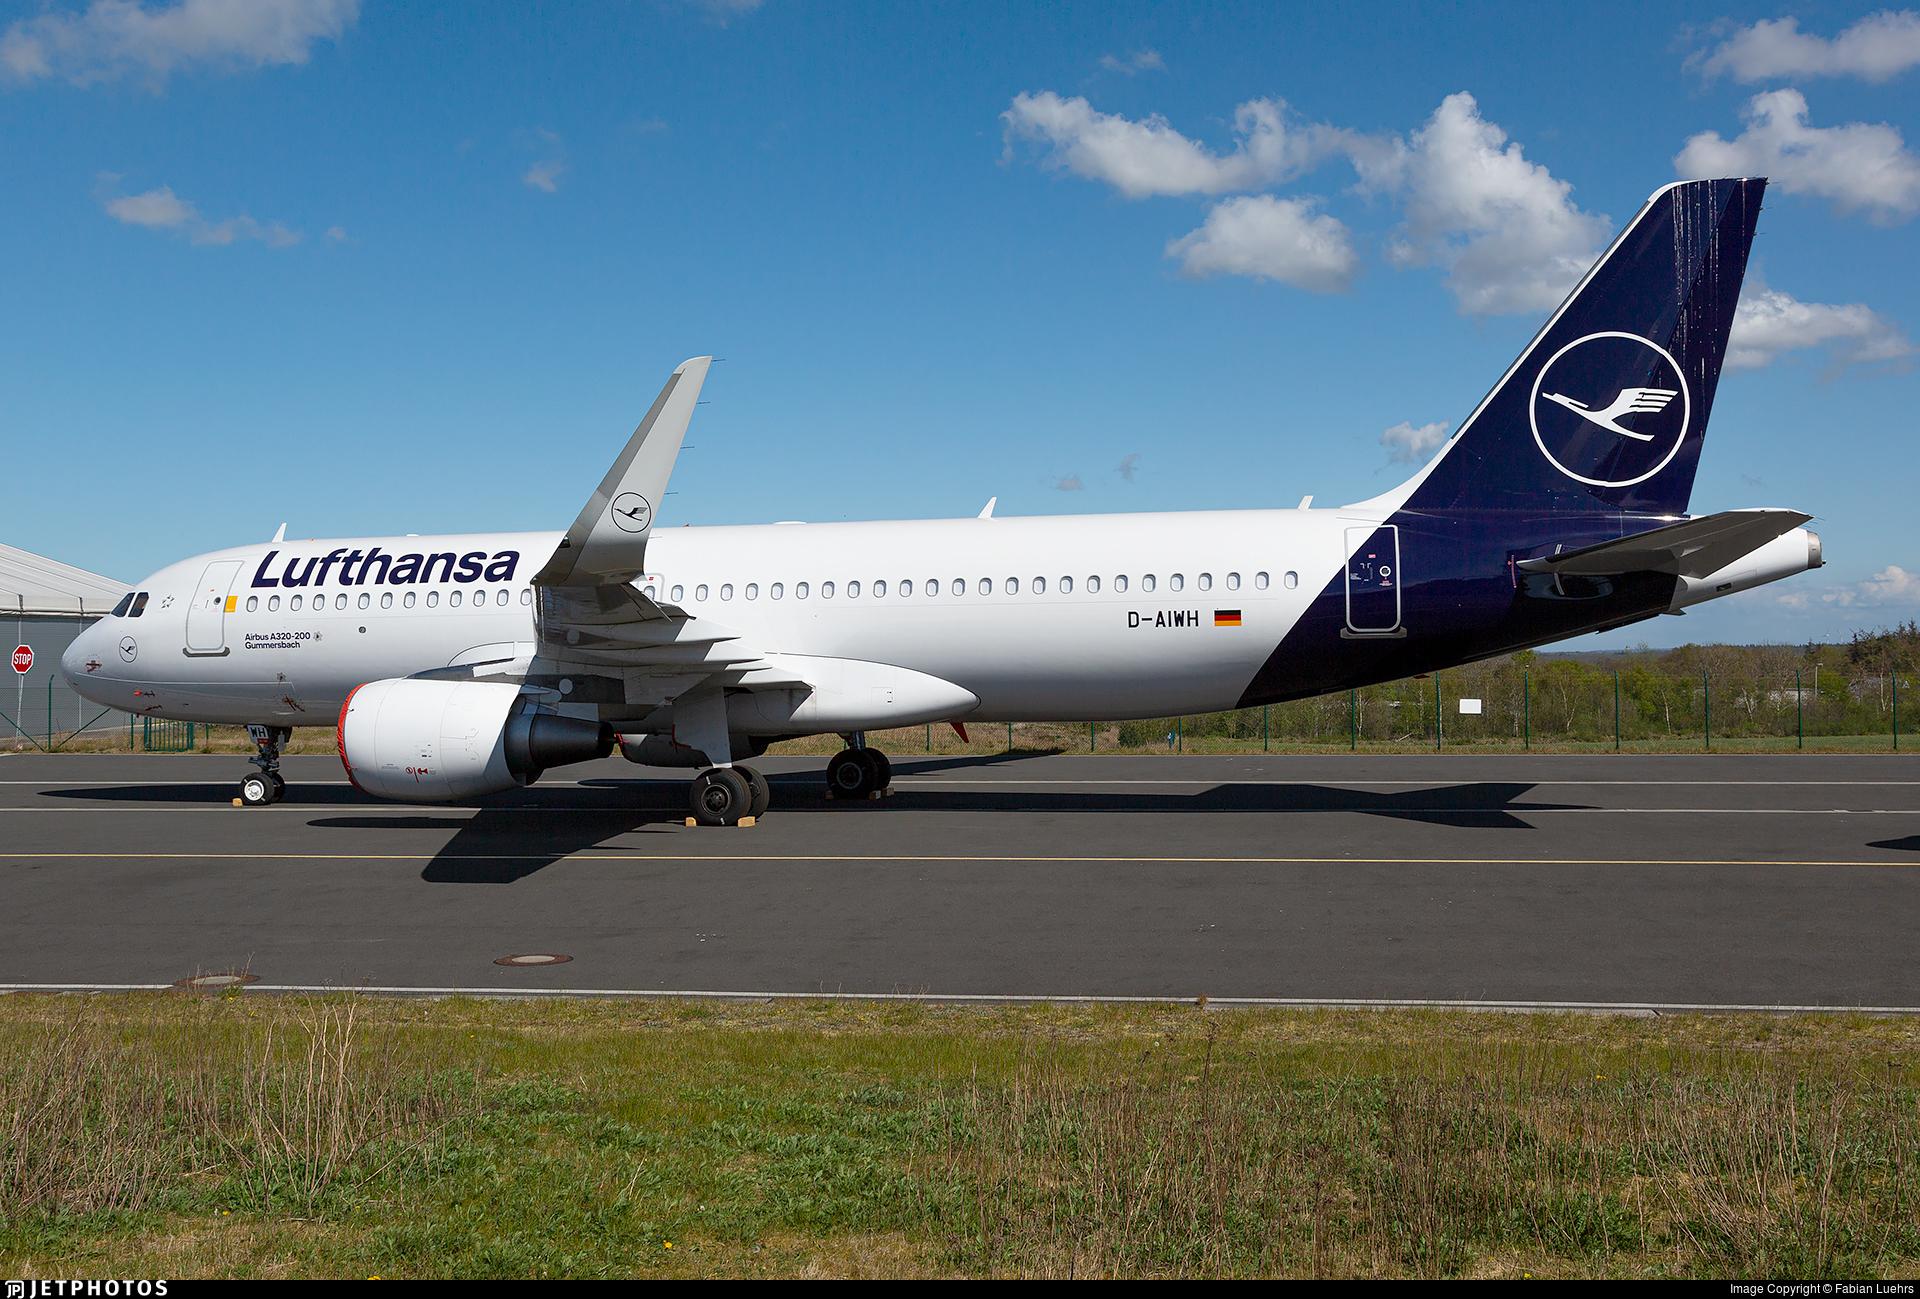 D-AIWH - Airbus A320-214 - Lufthansa